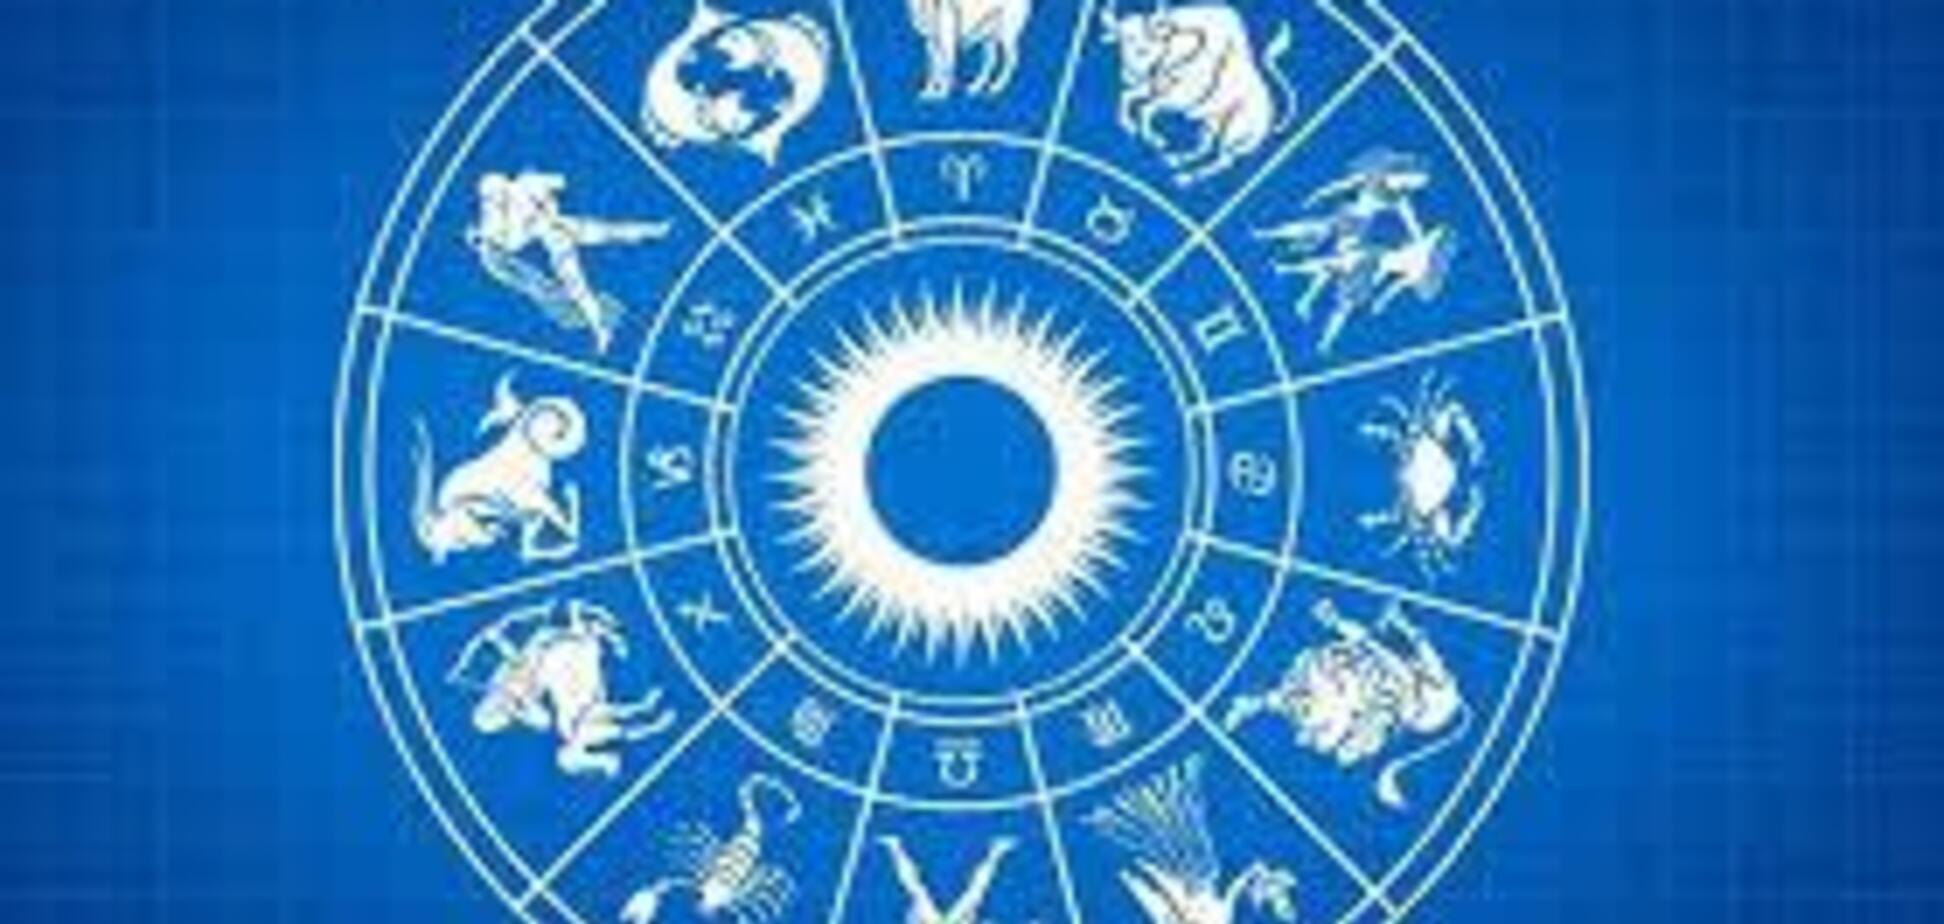 Гороскоп на 13 декабря: что ждет Львов, Раков, Дев и другие знаки зодиака